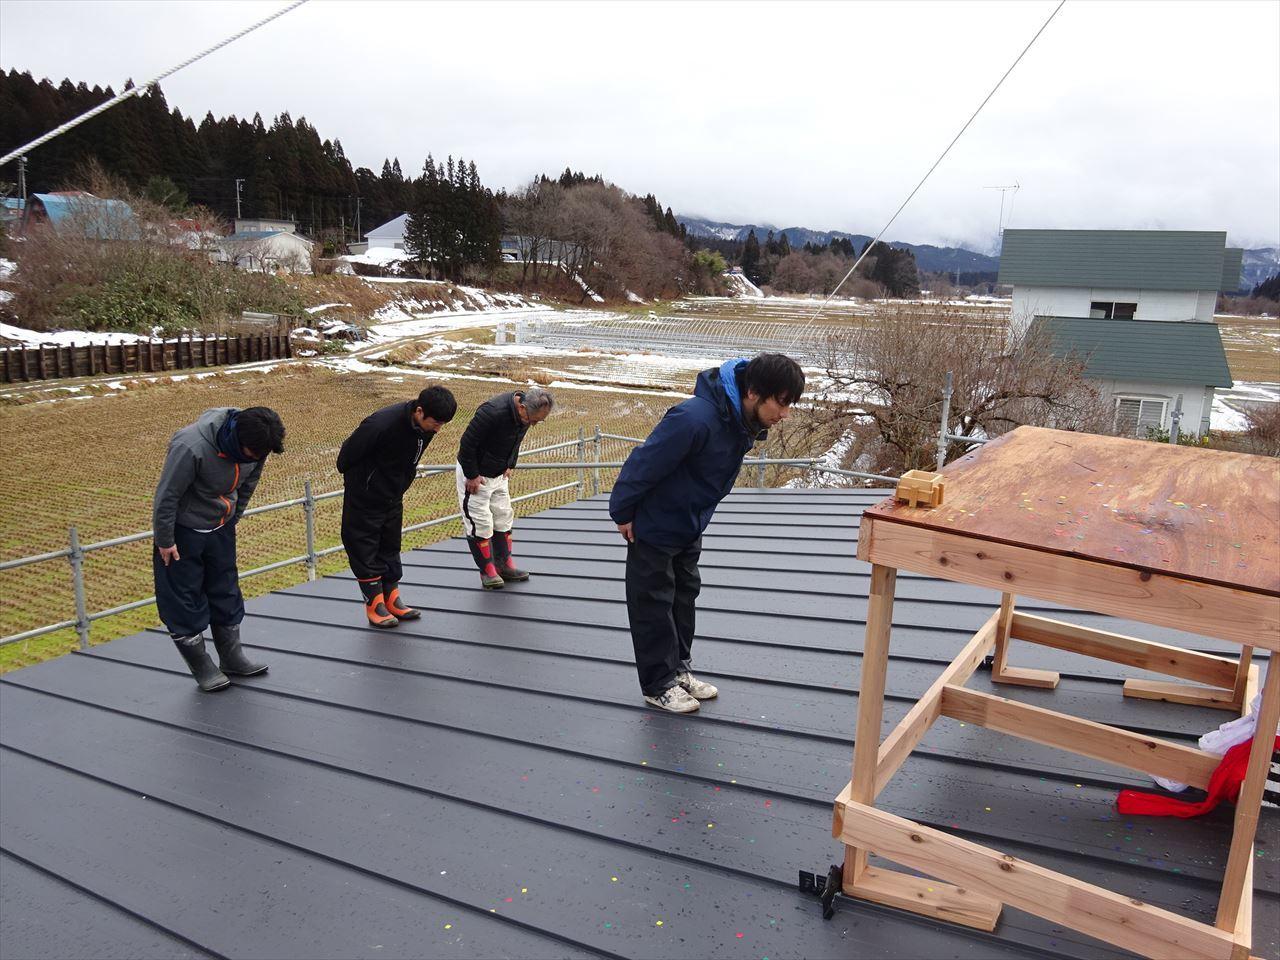 田沢湖の家 上棟式を執り行いました!_f0105112_16253928.jpg